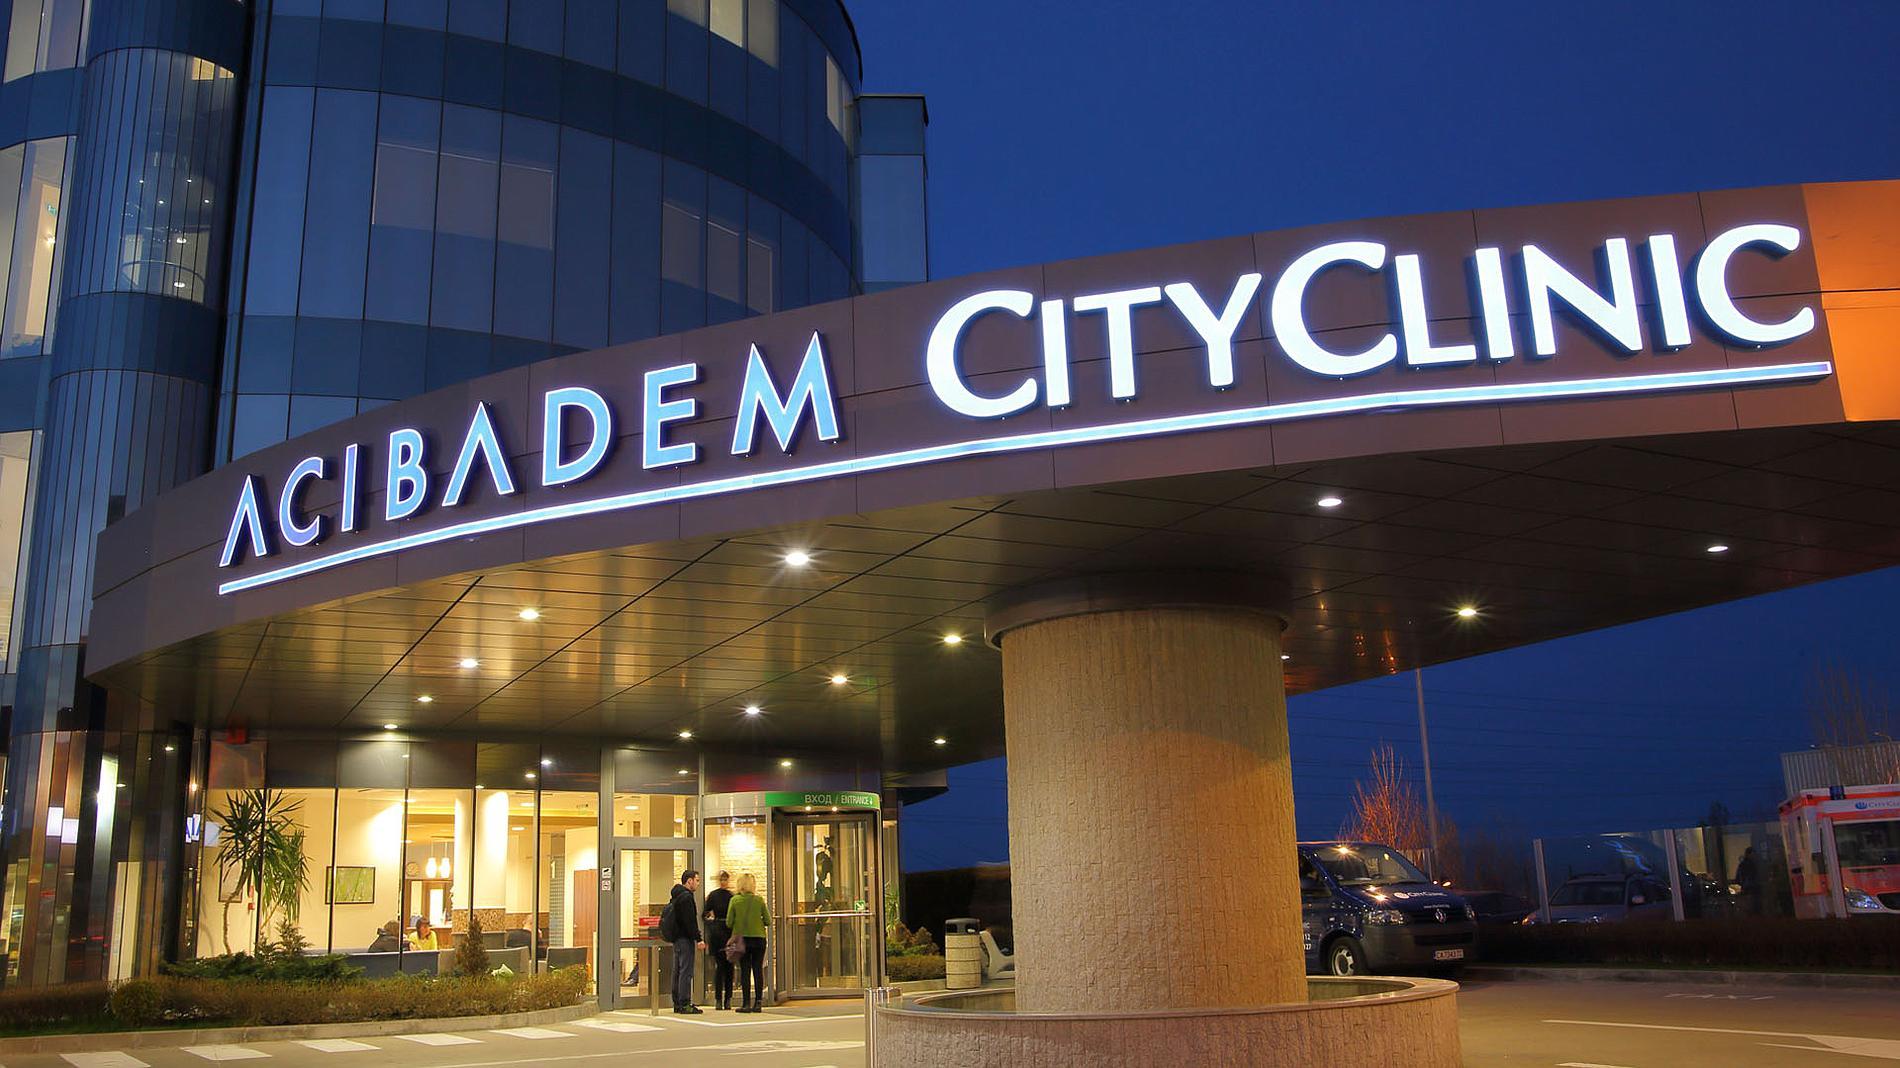 Exterior signage of Acibadem City Clinic